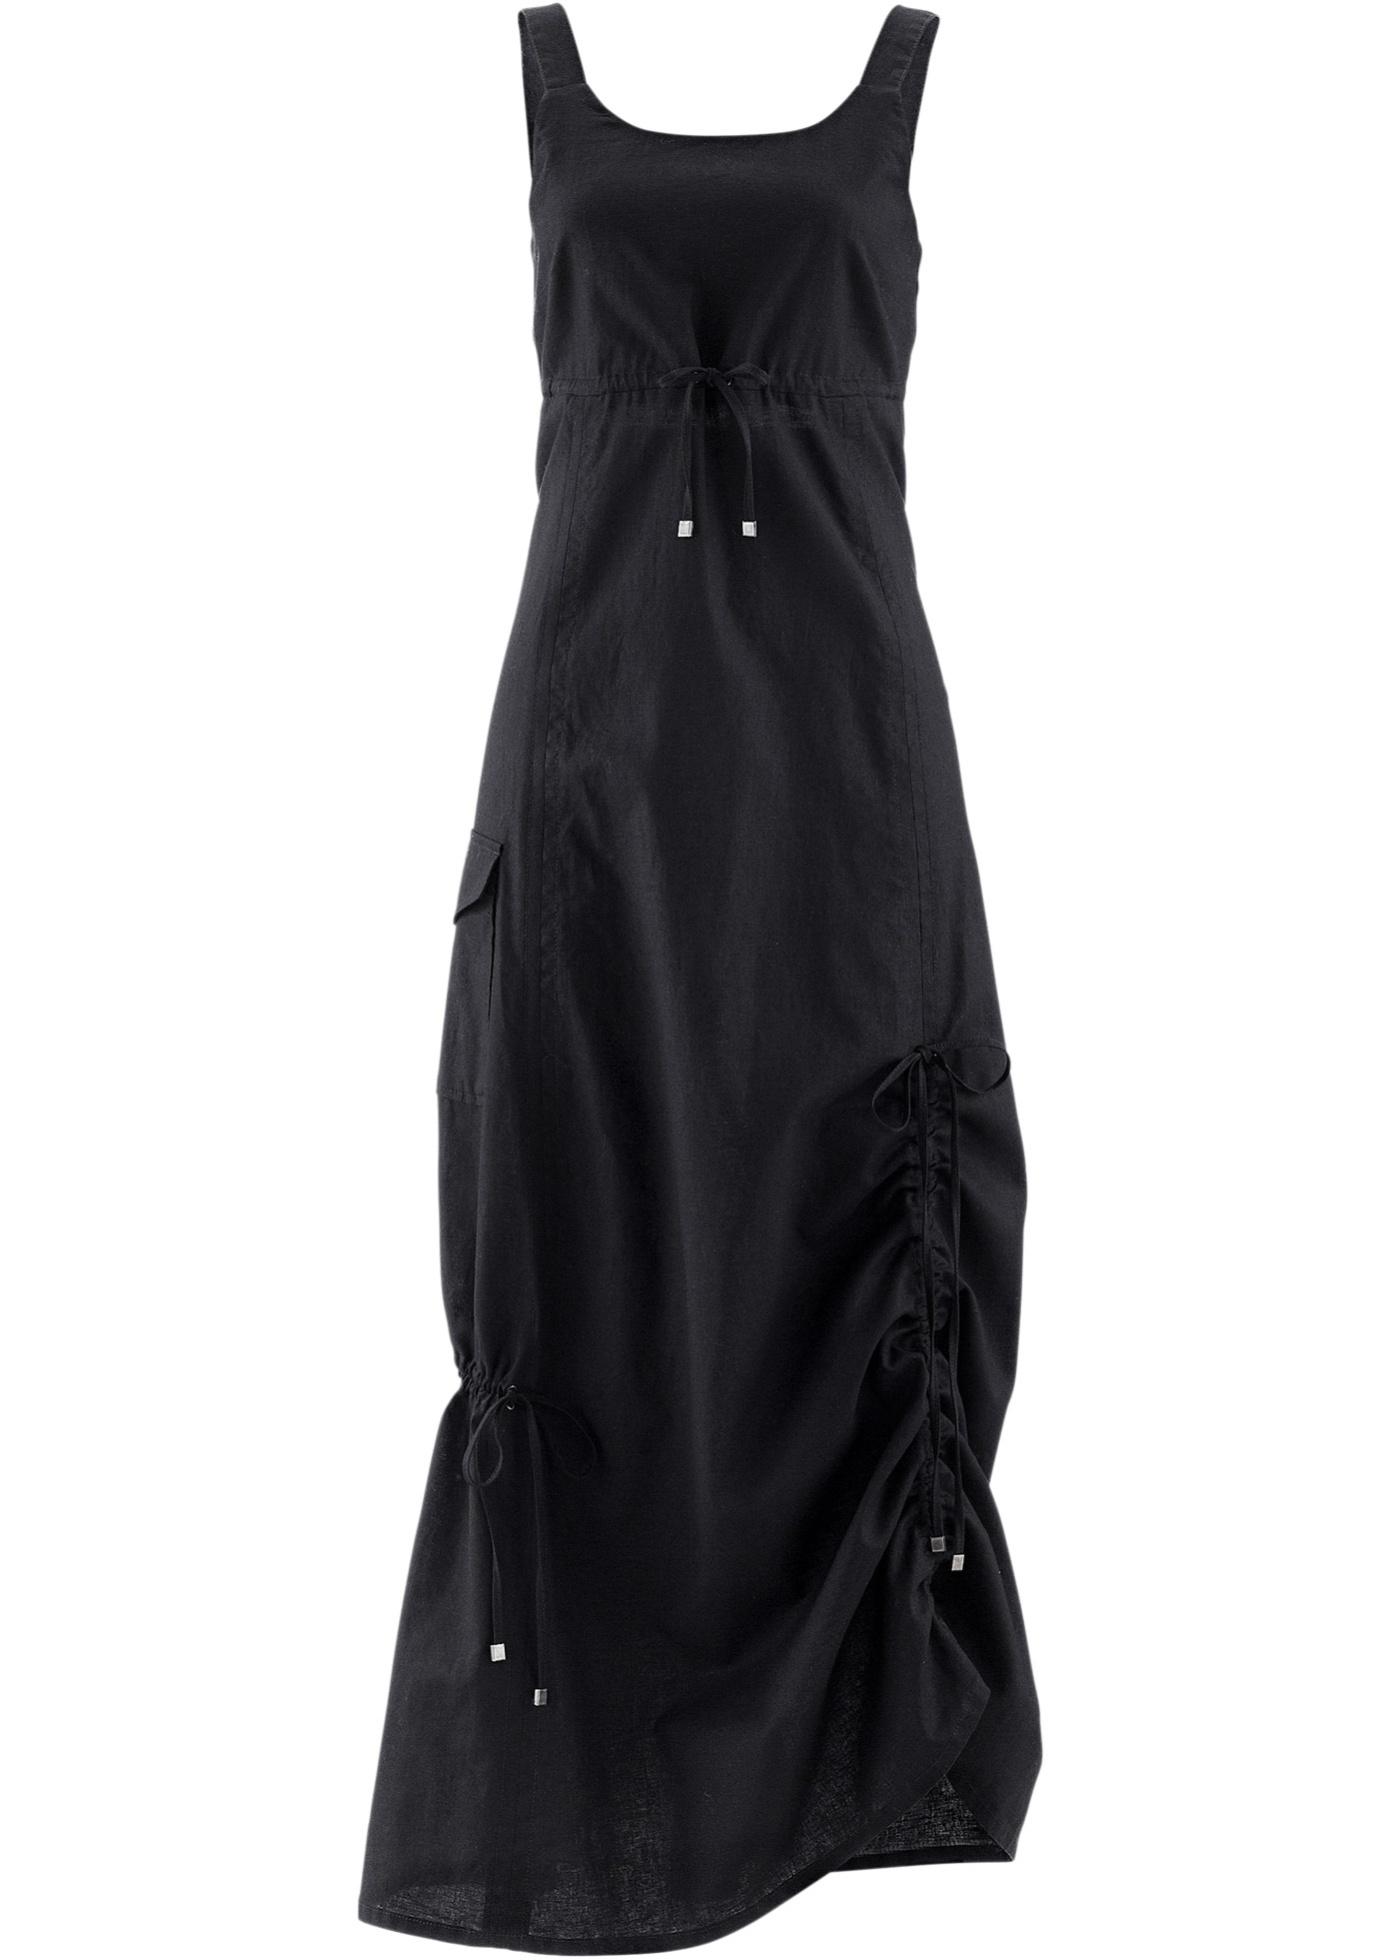 bpc bonprix collection Leinen-Kleid ohne Ärmel  in schwarz von bonprix